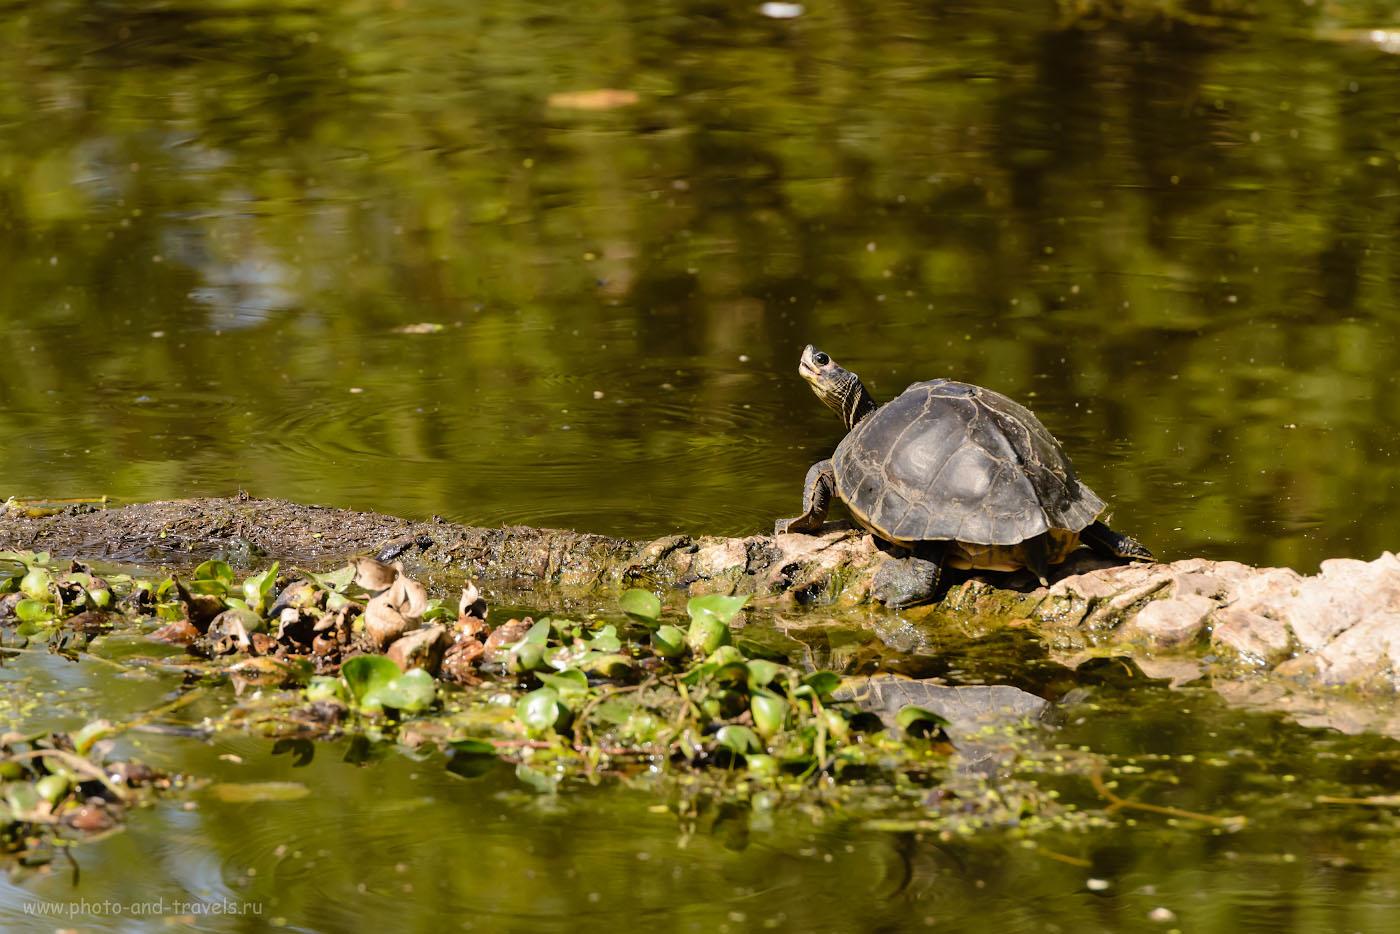 Снимок 33. Черепаха в заповеднике Кеоладео. 1/1250, 9.0, 1250, 280.